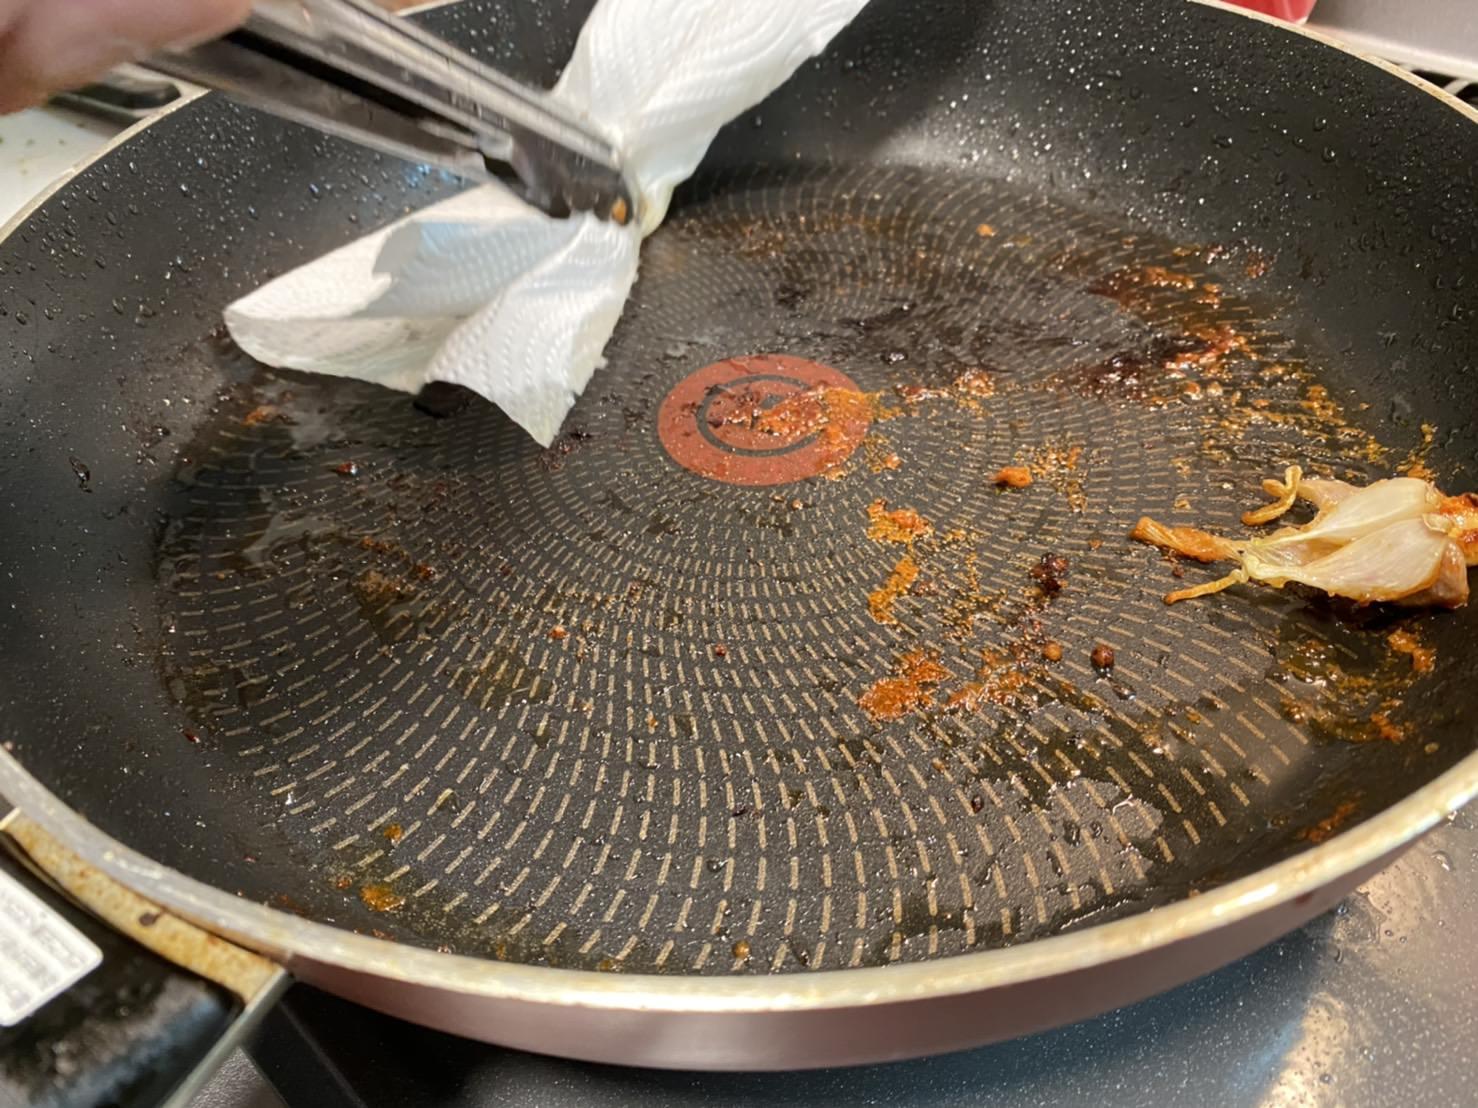 鶏もも肉を焼いたフライパンの油だけをキッチンペーパーで拭き取っている様子の画像です